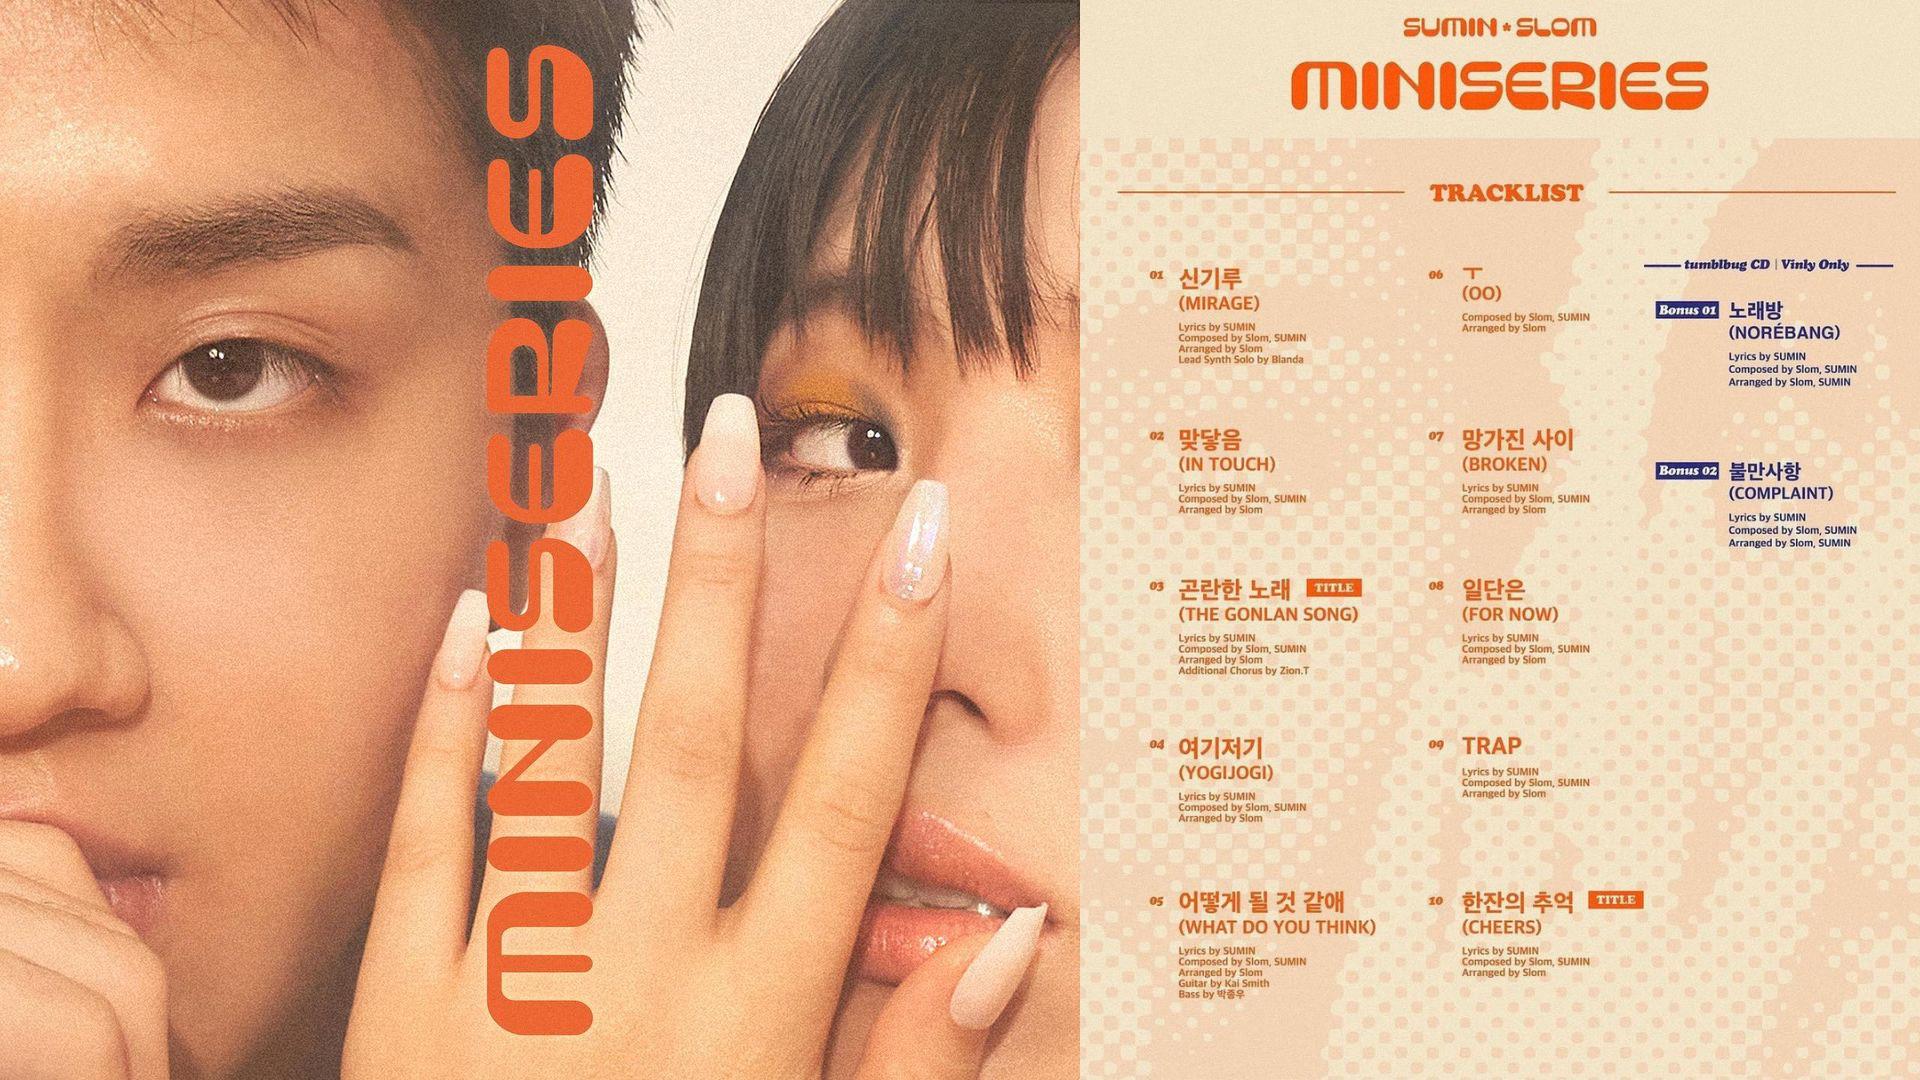 Miniseries Tracklist